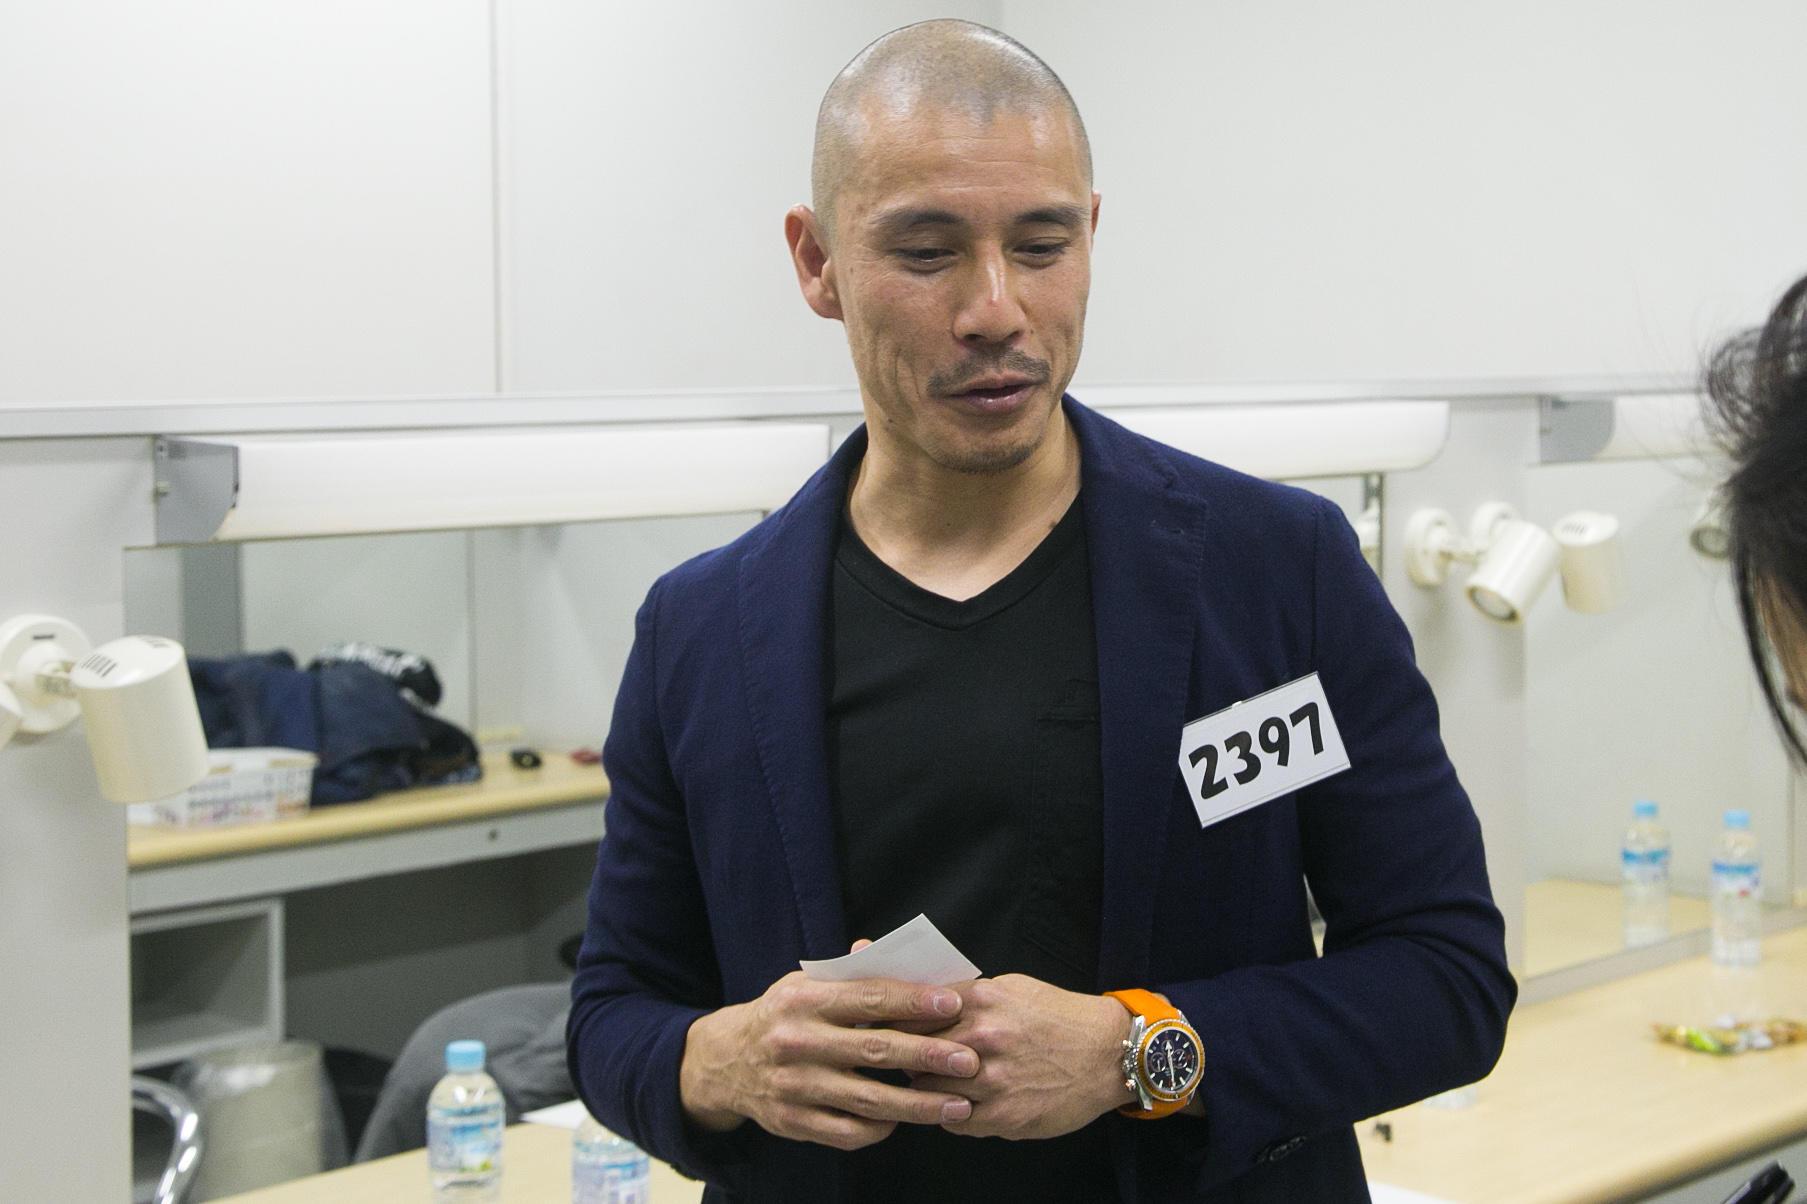 http://news.yoshimoto.co.jp/20190120222128-d3351a7cece03af110ee3a9411d56d0c1166b3d0.jpg